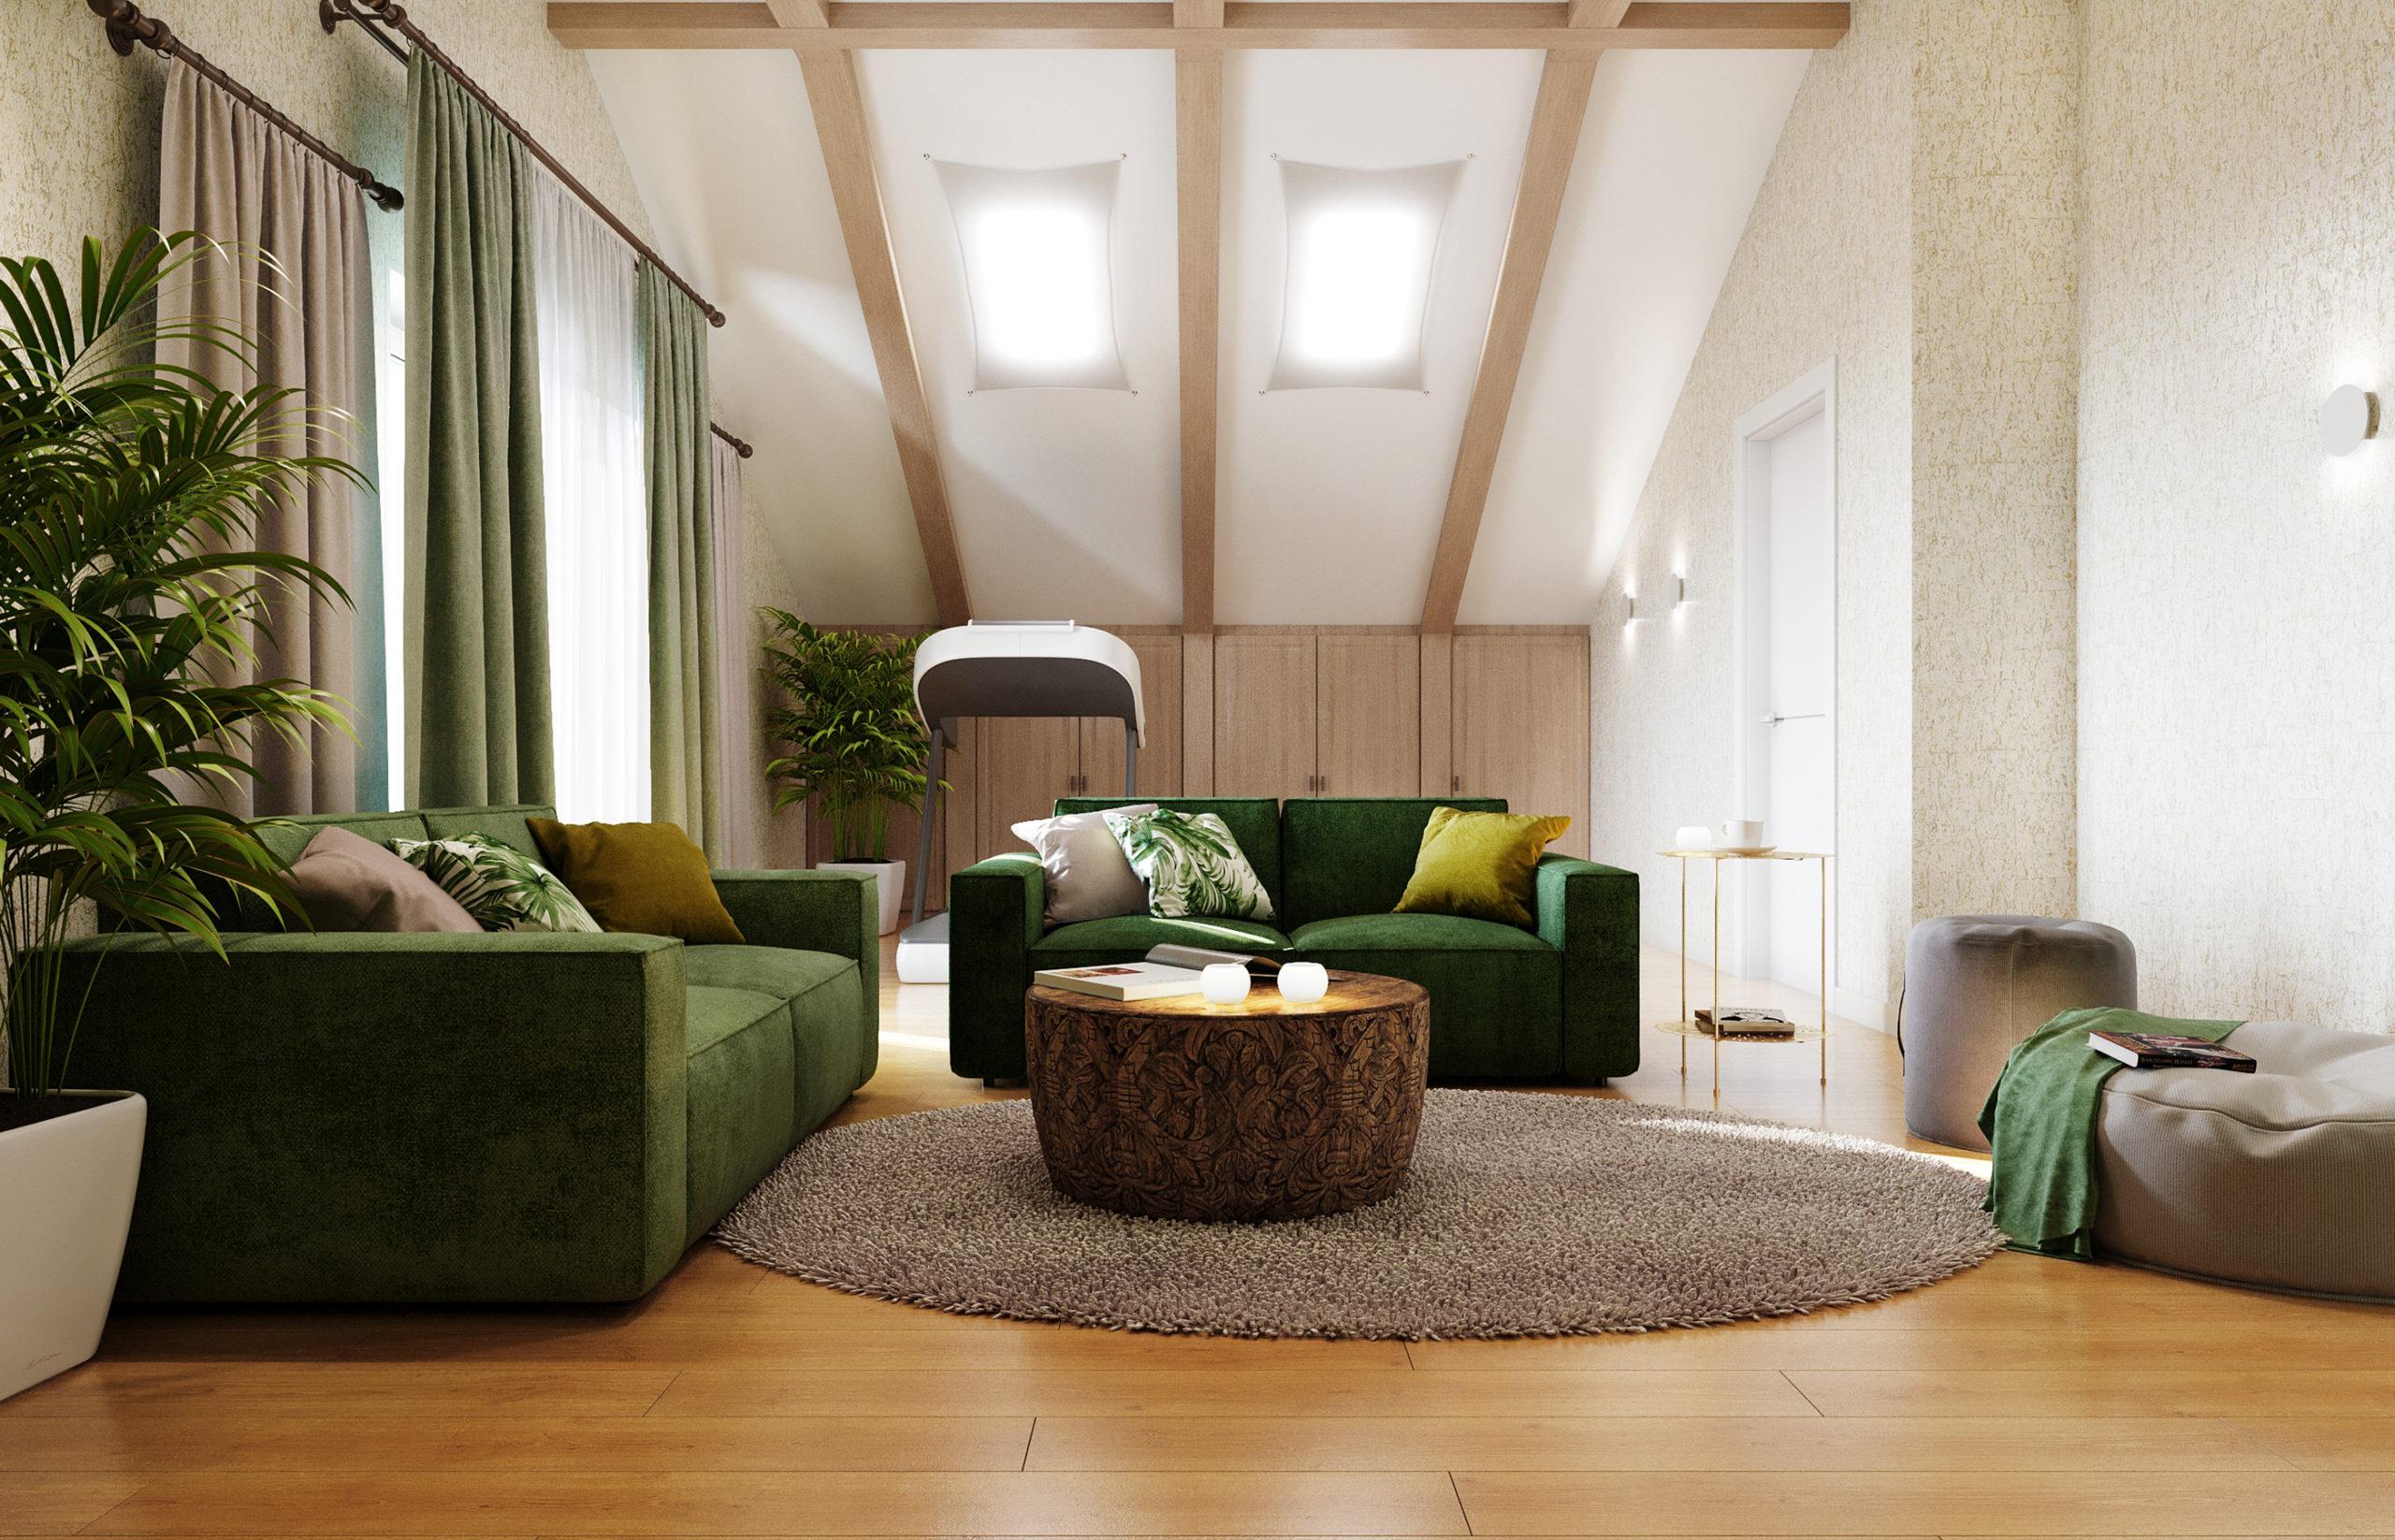 Дизайн интерьера гостиной в мансардном помещении